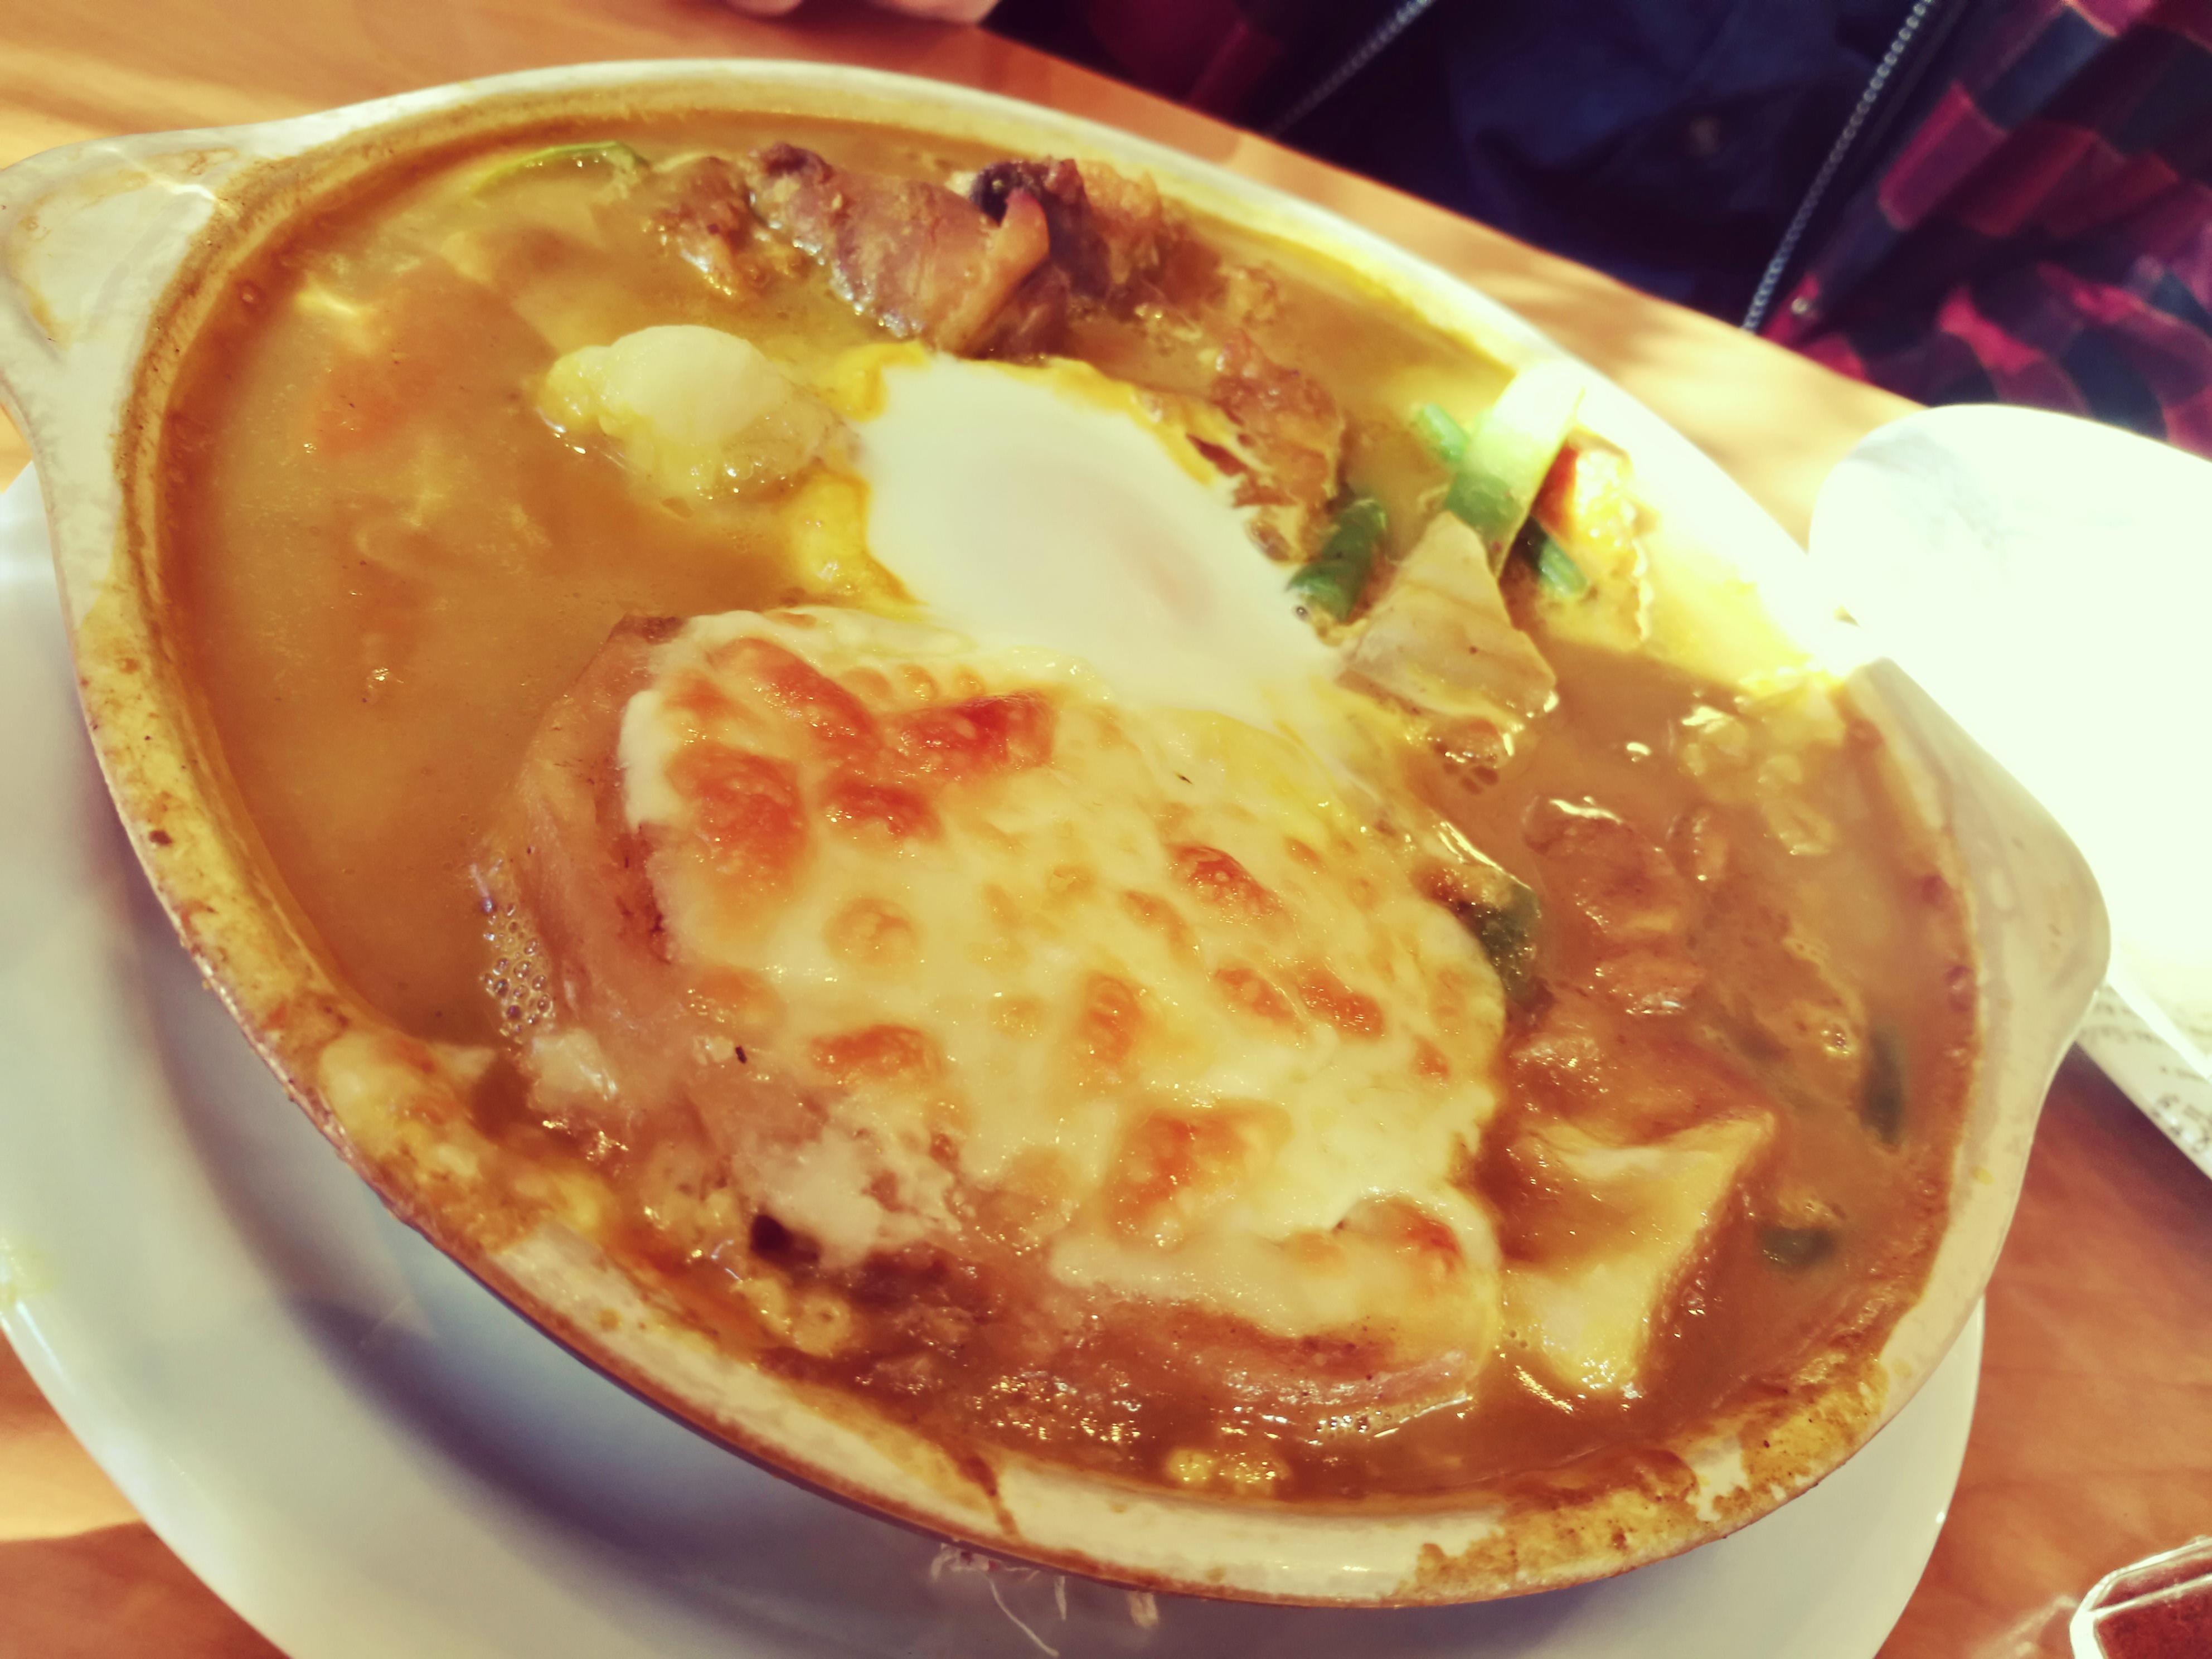 野毛探索☆第一弾!Kikuya Curryでスリランカカレーを食べよう